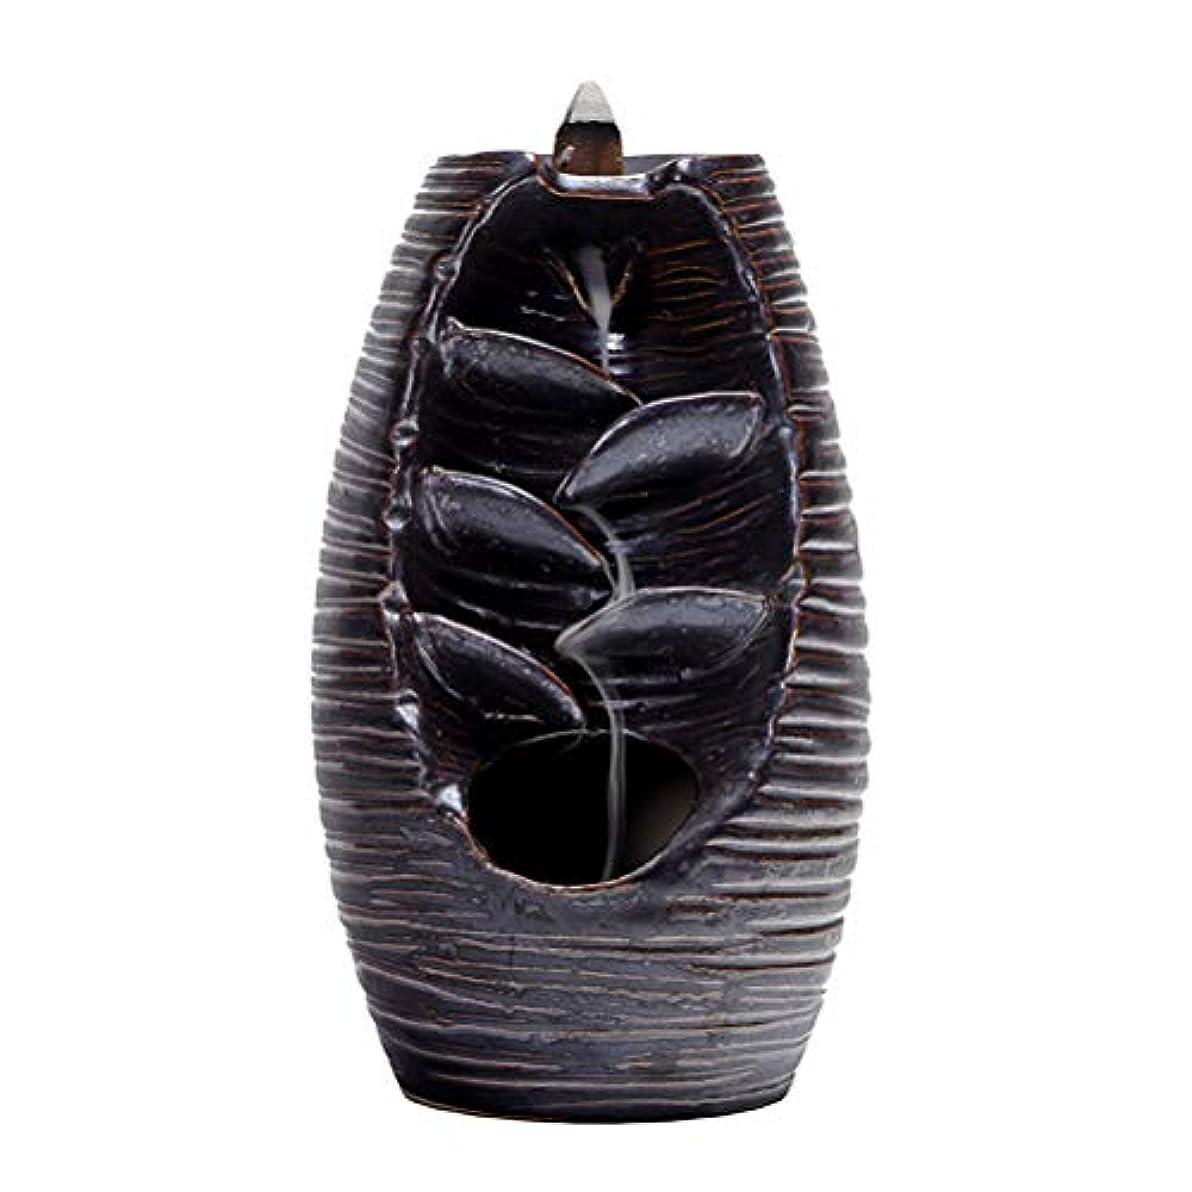 国際頂点枢機卿Vosarea 逆流香バーナー滝香ホルダーアロマ飾り仏教用品(黒)